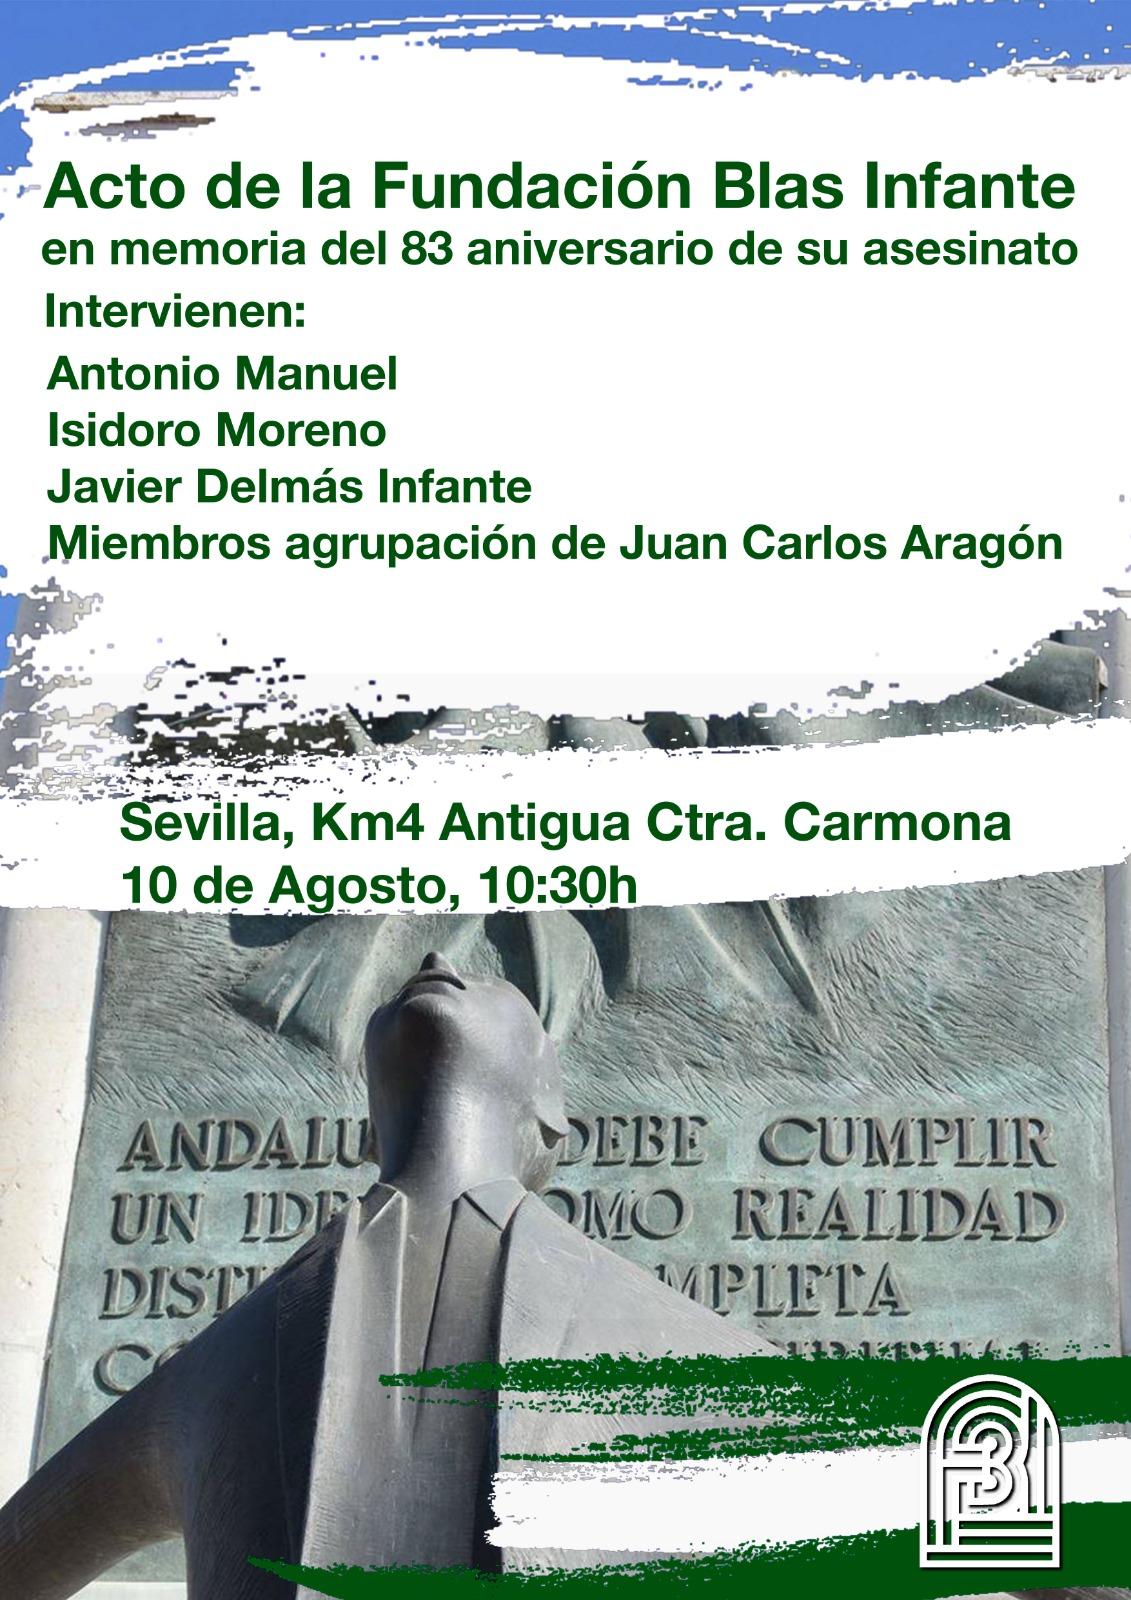 ACTO HOMENAJE EN CONMEMORACIÓN DEL 83 ANIVERSARIO DEL ASESINATO DE BLAS INFANTE.